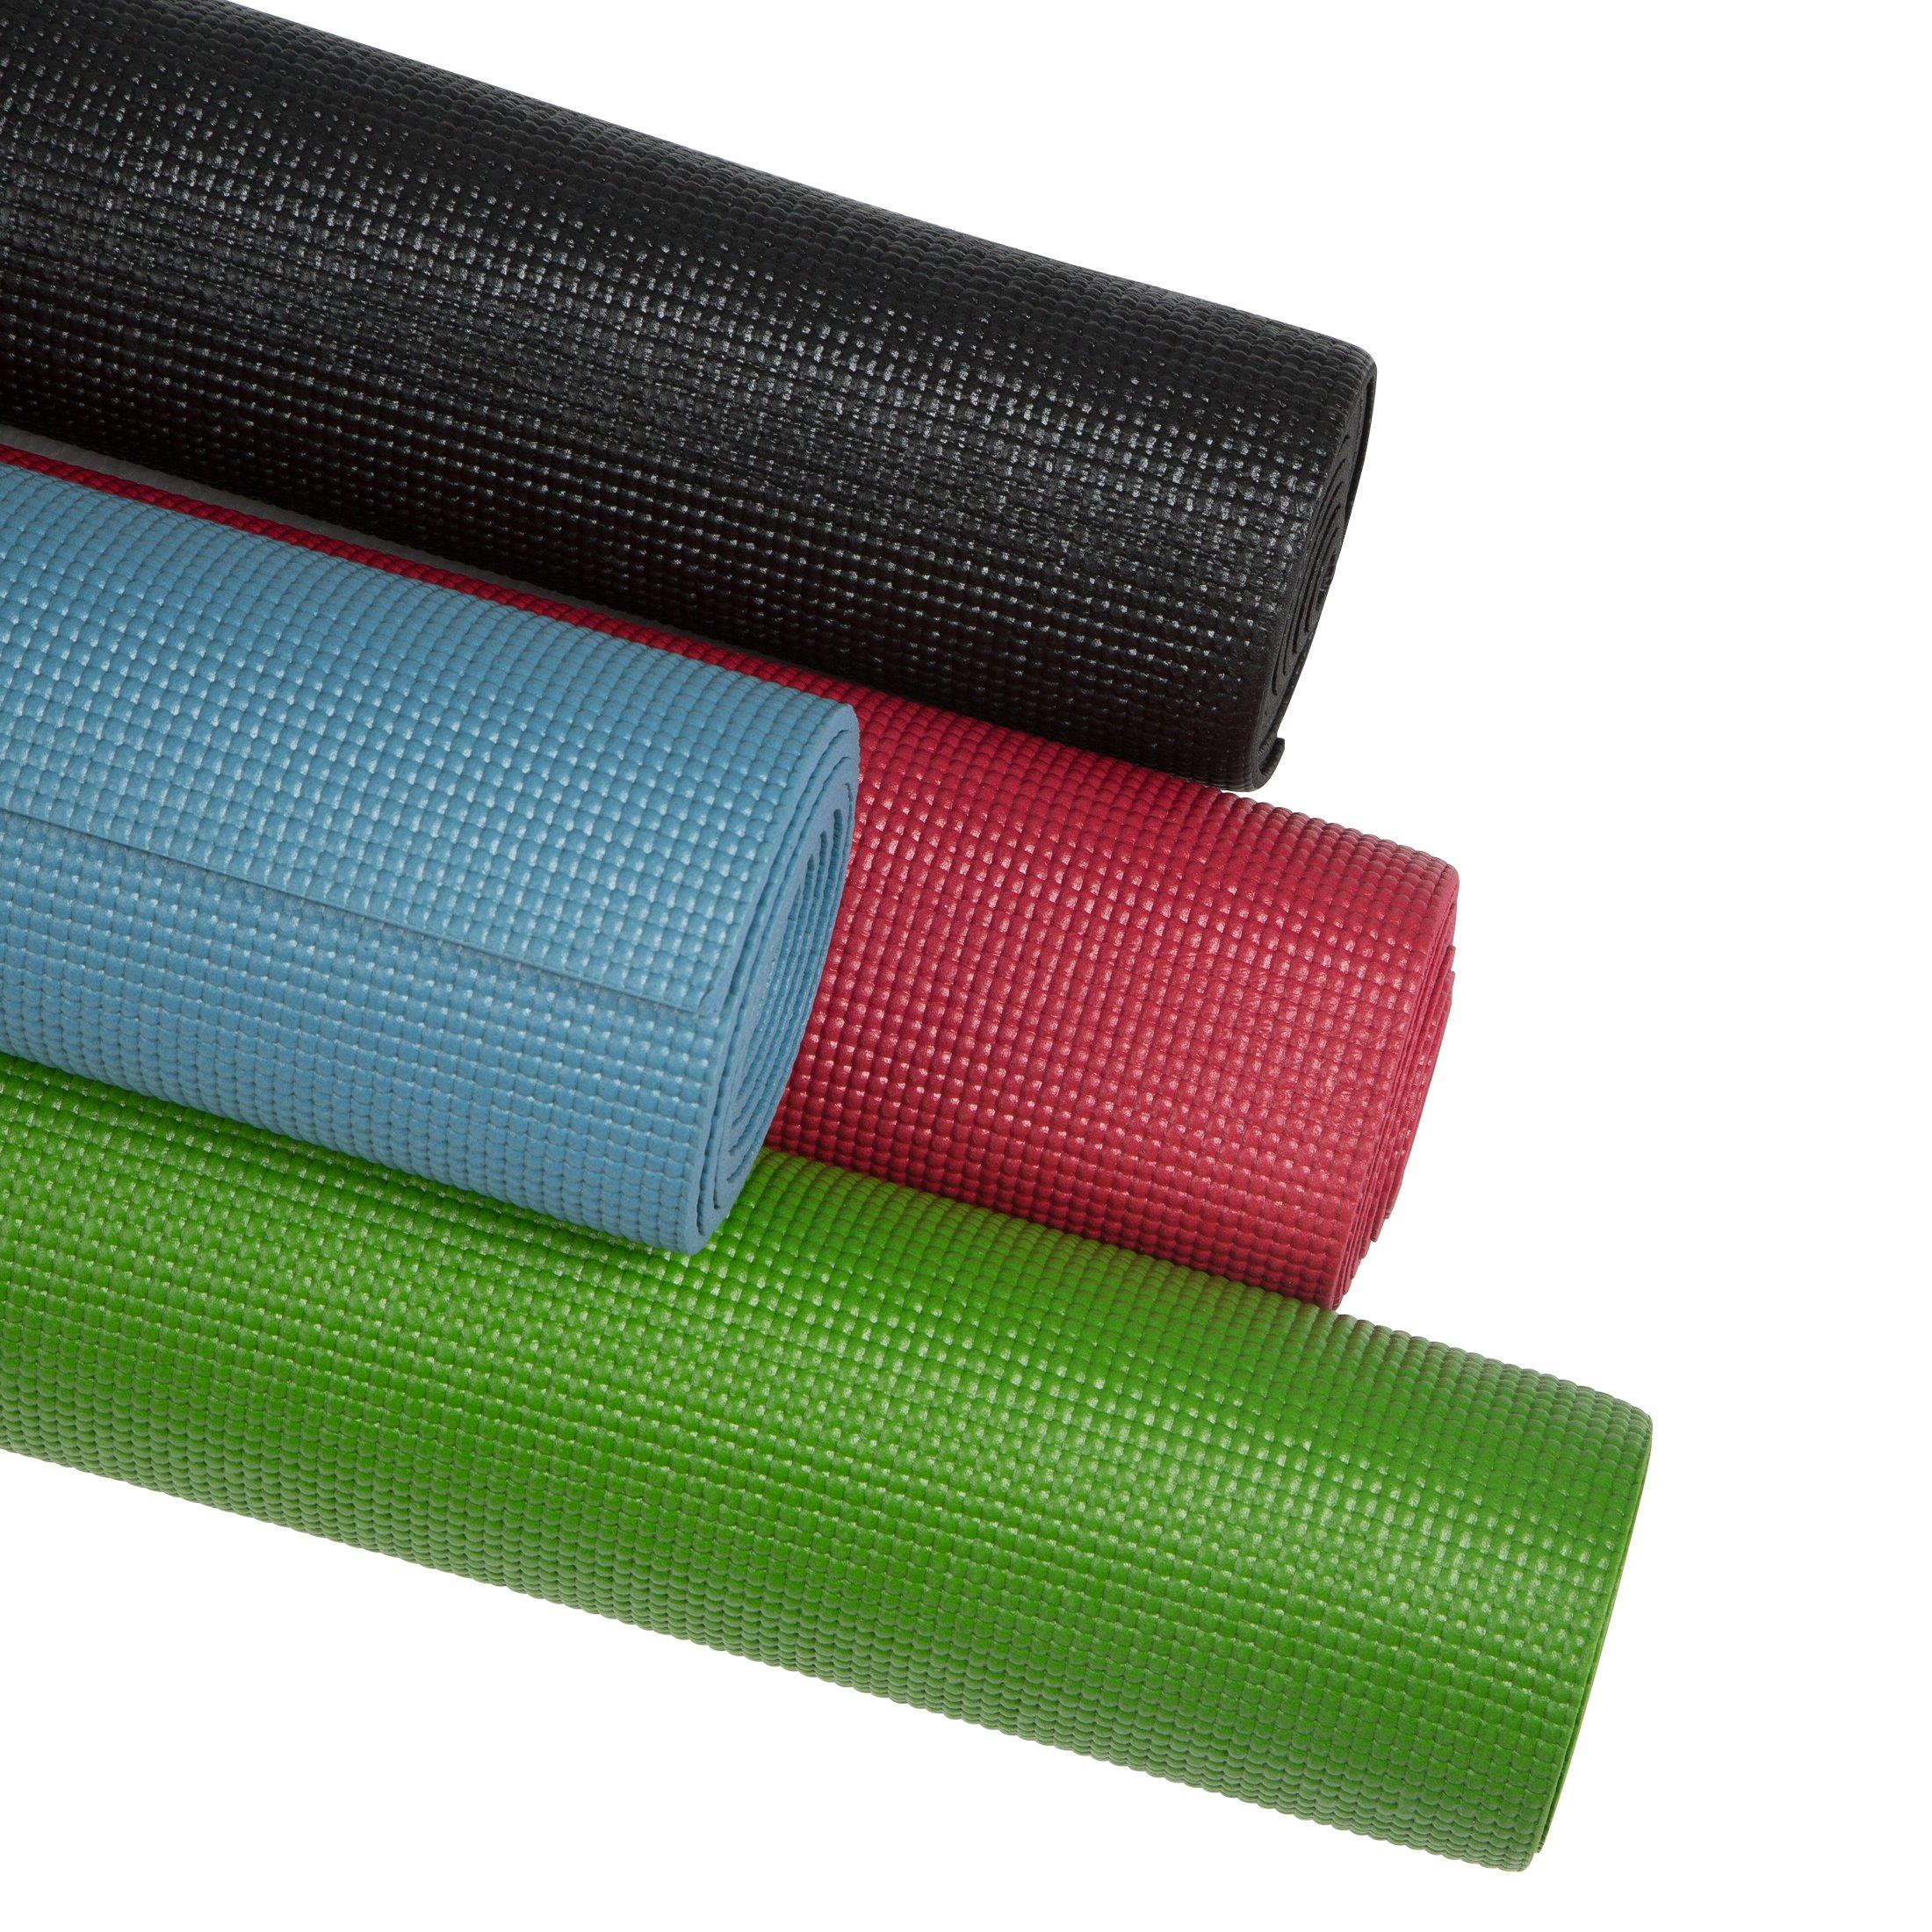 Ultrasport Yogamatte, Gymnastikmatte, Universalmatte für Yoga ...